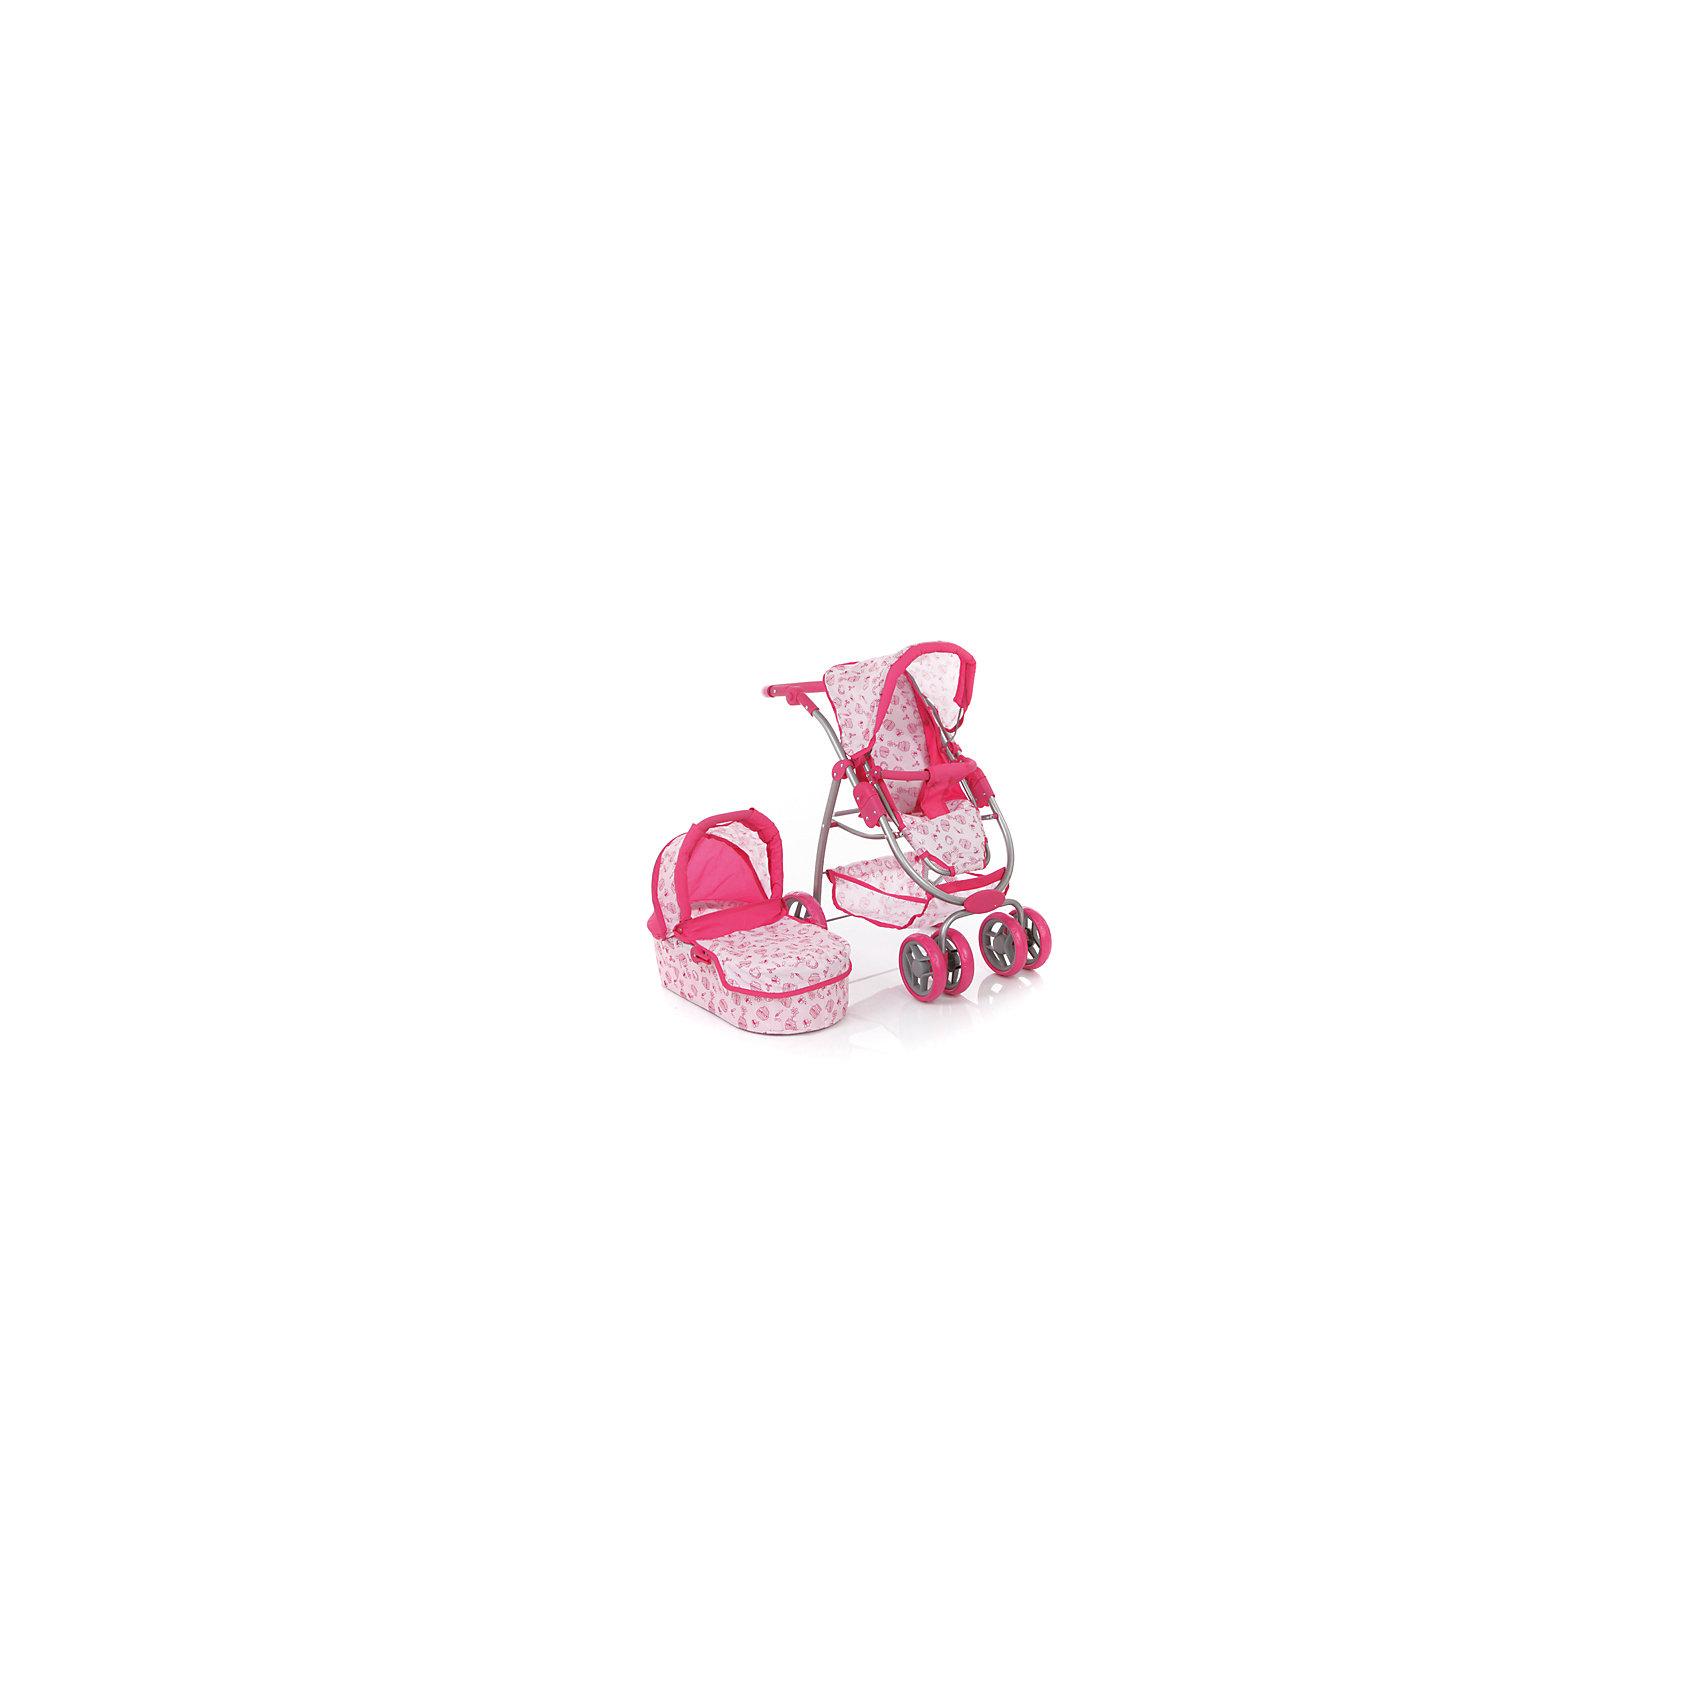 Коляска для кукол, 2в1, MeloboКоляска для кукол, 2в1, Melobo<br>Коляска для кукол, 2в1, Melobo – прекрасный подарок для вашей маленькой принцессы. Эта коляска так понравится вашим куклам, что они не захотят уходить с прогулки! Коляска с люлькой легко складывается в прогулочную коляску, и люльку и сиденье можно повернуть в положение «к маме» и «лицом в перед». Коляска выглядит совсем как настоящая, а высококачественные материалы обладают прочностью и безопасны для детей. В коляске предусмотрены ремни безопасности, складной козырек, корзина для игрушек. Поворотные передние колеса делают коляску очень легкой в управлении. Обивка легко снимается, ее можно стирать. С такой коляской игры будут еще веселее!<br>Дополнительная информация:<br><br>- Материал: пластик, текстиль, металл <br>- Габариты коляски: 54 x 42 x 73 см<br><br>Коляску для кукол, 2в1, Melobo можно купить в нашем интернет-магазине.<br>Подробнее:<br>• Для детей в возрасте: от 2 до 6 лет<br>• Номер товара: 4125054<br>Страна производитель: Китай<br><br>Ширина мм: 590<br>Глубина мм: 390<br>Высота мм: 180<br>Вес г: 2700<br>Возраст от месяцев: 12<br>Возраст до месяцев: 60<br>Пол: Женский<br>Возраст: Детский<br>SKU: 4125054